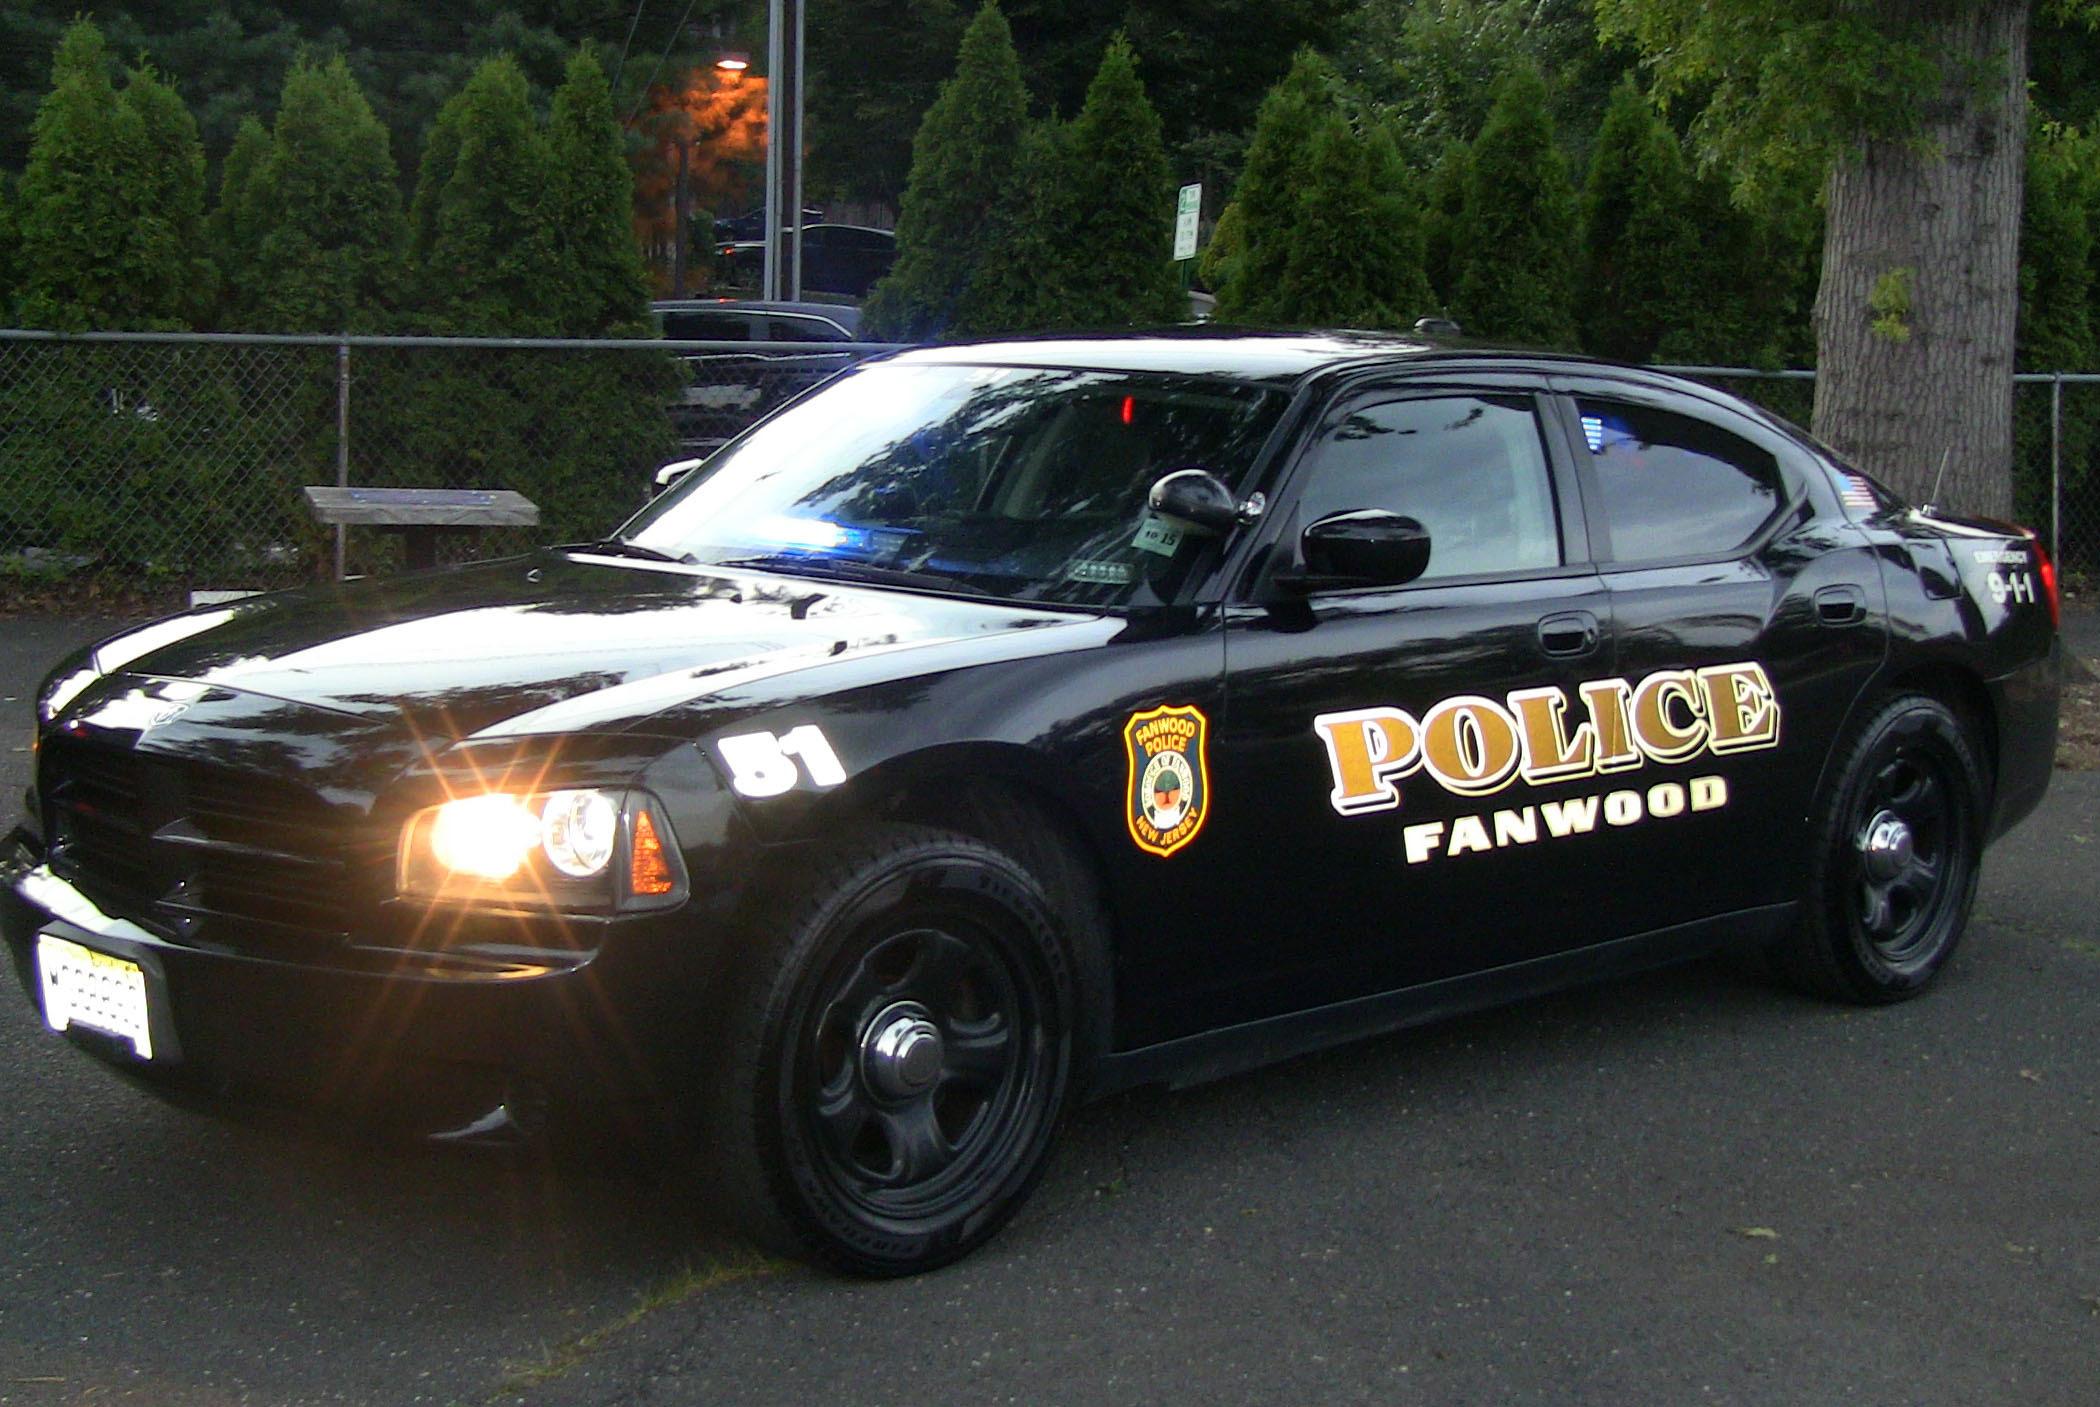 541bd8c7c27ae19408c0_Fanwood_Police_Car.jpg